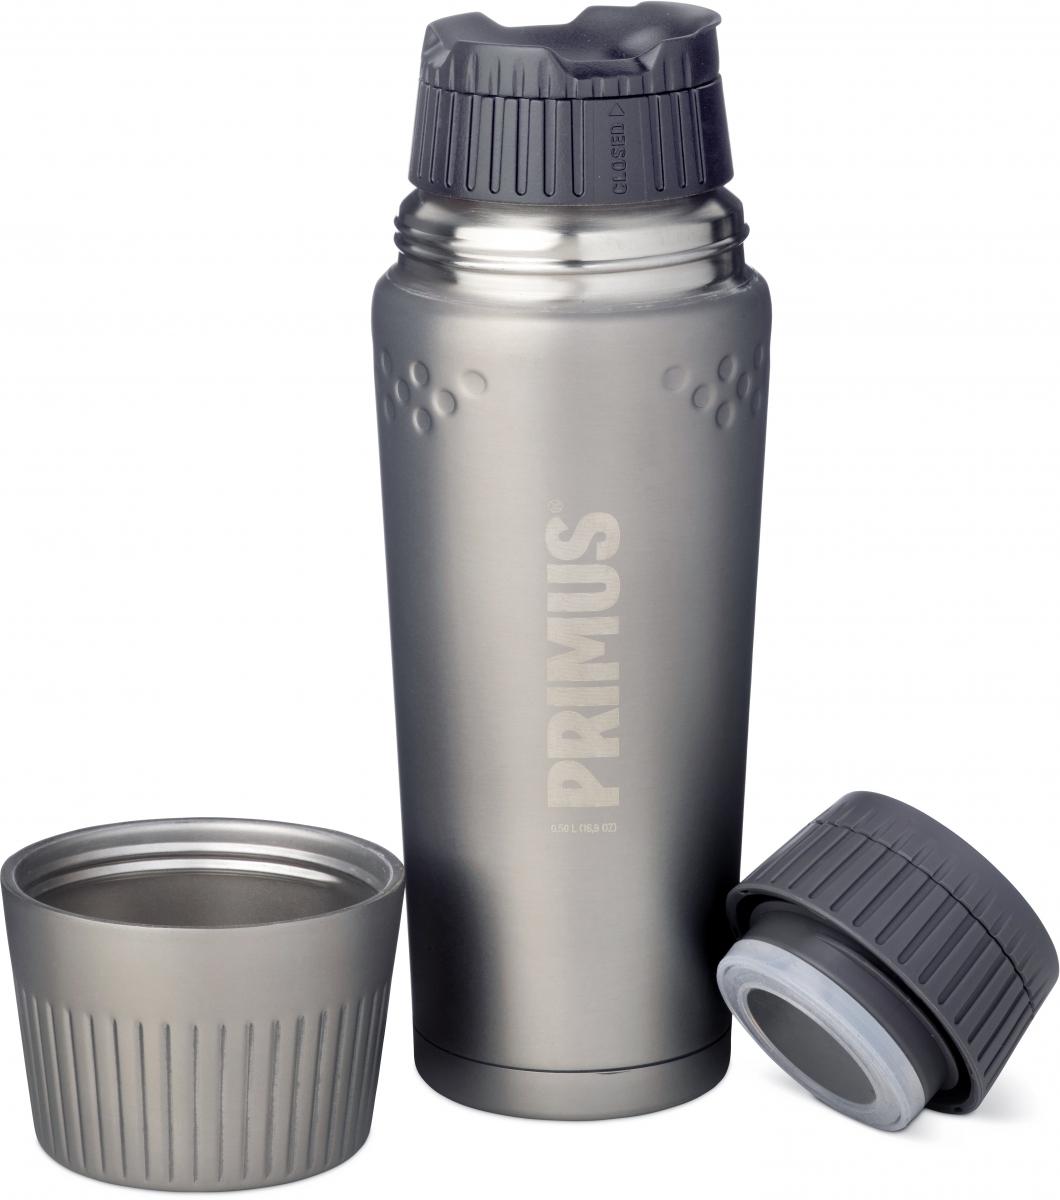 Термос Primus TrailBreak Vacuum Bottle, цвет: темно-серый, 500 мл. 737864737864Термос обладает двойными стенками и имеет вакуумную изоляцию. Изготовлен из высококачественной нержавеющей стали, что наделяет его очень прочным и износостойким корпусом. Термос отлично подходит для всевозможных приключений в экстремальных условиях, идеально подходит для альпинизма или пешего туризма.Крышка-чашка также имеет двойные стенки и выполнена из нержавеющей стали, чтобы сохранить напиток горячим или холодным долгое время. Большая горловина позволяет термос заполнить напитками и очистить. Если вы захотите пить прямо из термоса, в этом вам поможет запатентованная крышка с функцией ClickClose - просто поверните клапан! Стоит также отметить внешний вид термоса - он выполнен в строгом скандинавском стиле.Объем термоса: 500 мл.